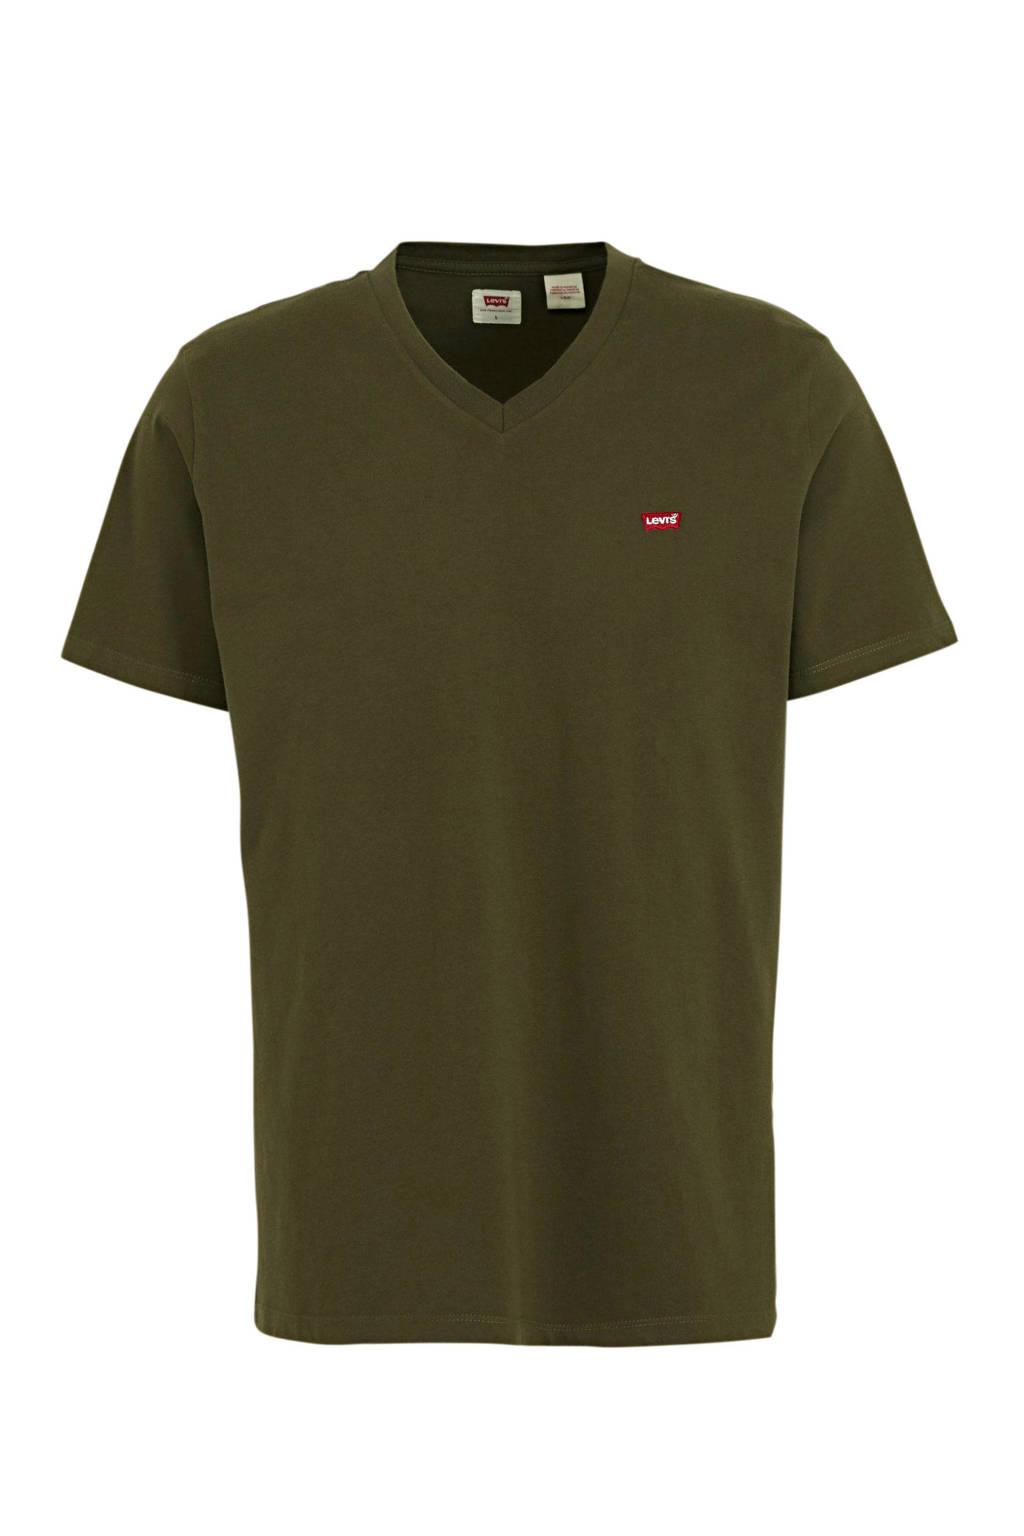 Levi's T-shirt olijfgroen, Olijfgroen